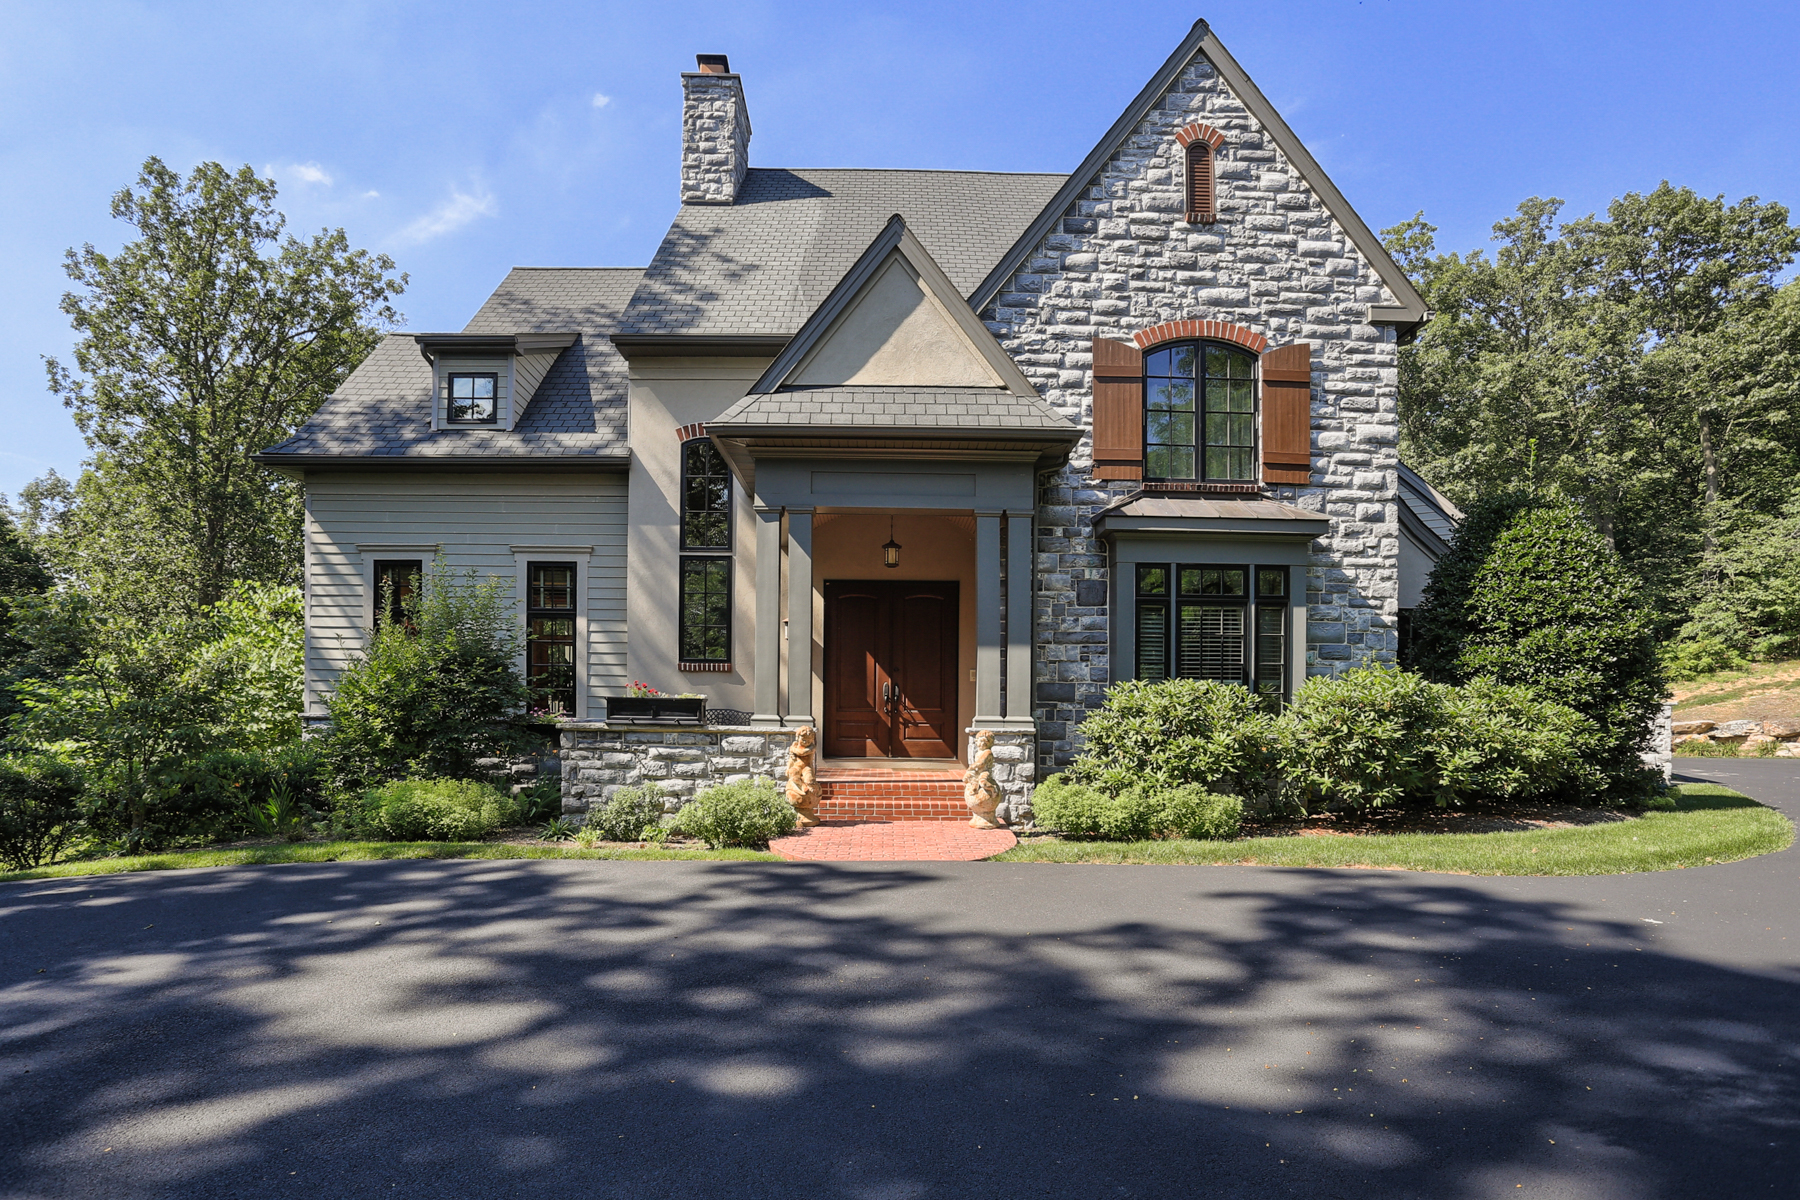 独户住宅 为 销售 在 3832 Hillcrest Drive 哥伦比亚, 宾夕法尼亚州, 17512 美国